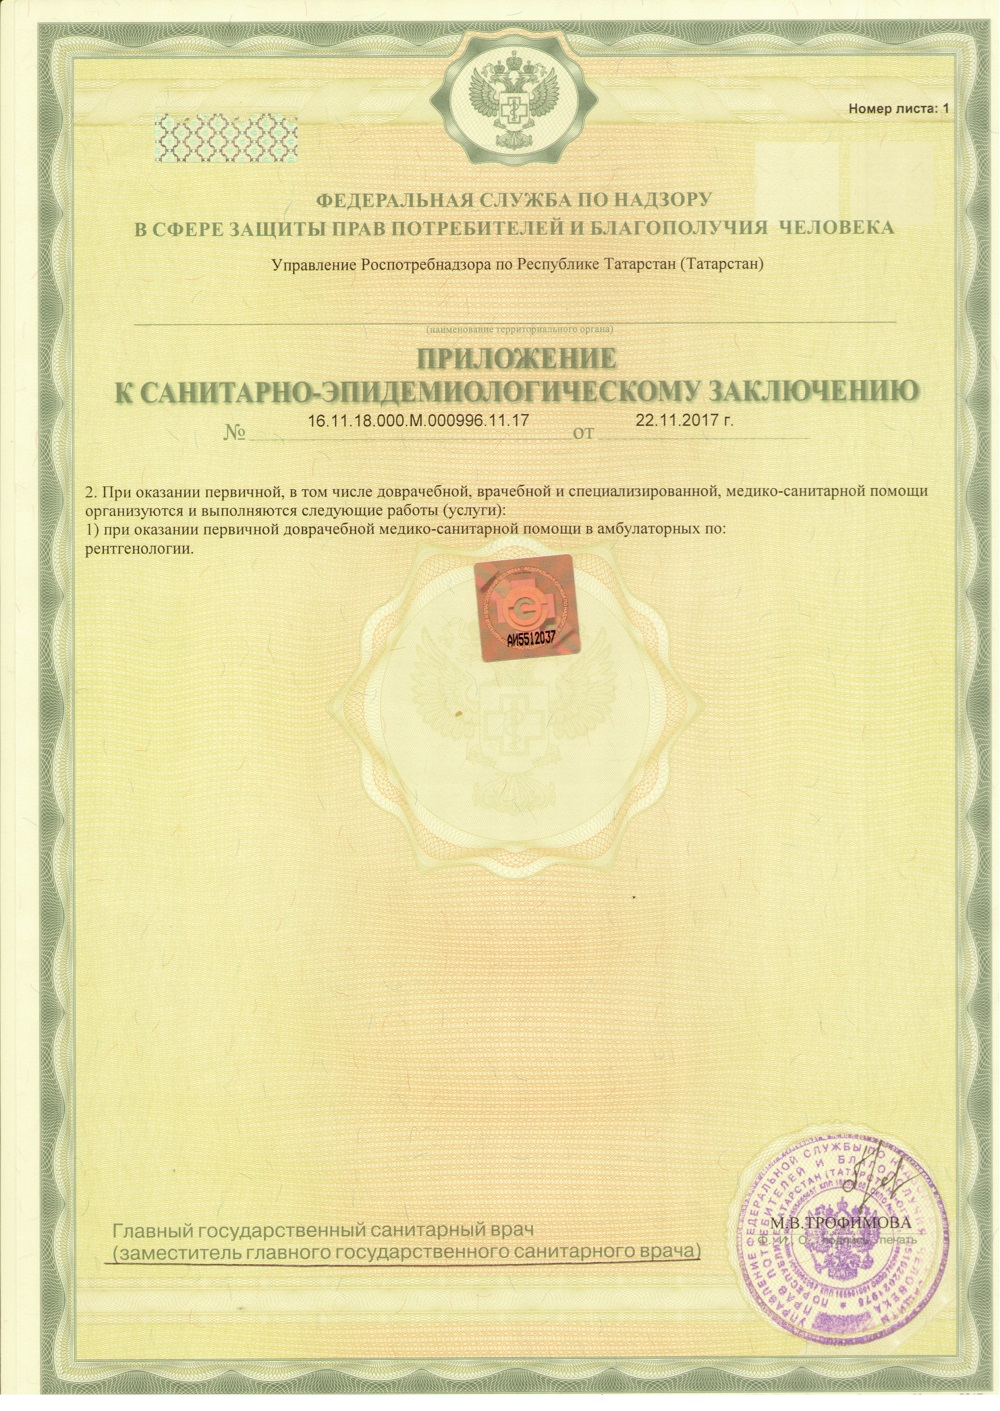 Приложение к санитарно-эпидемиологическому заключению РТ